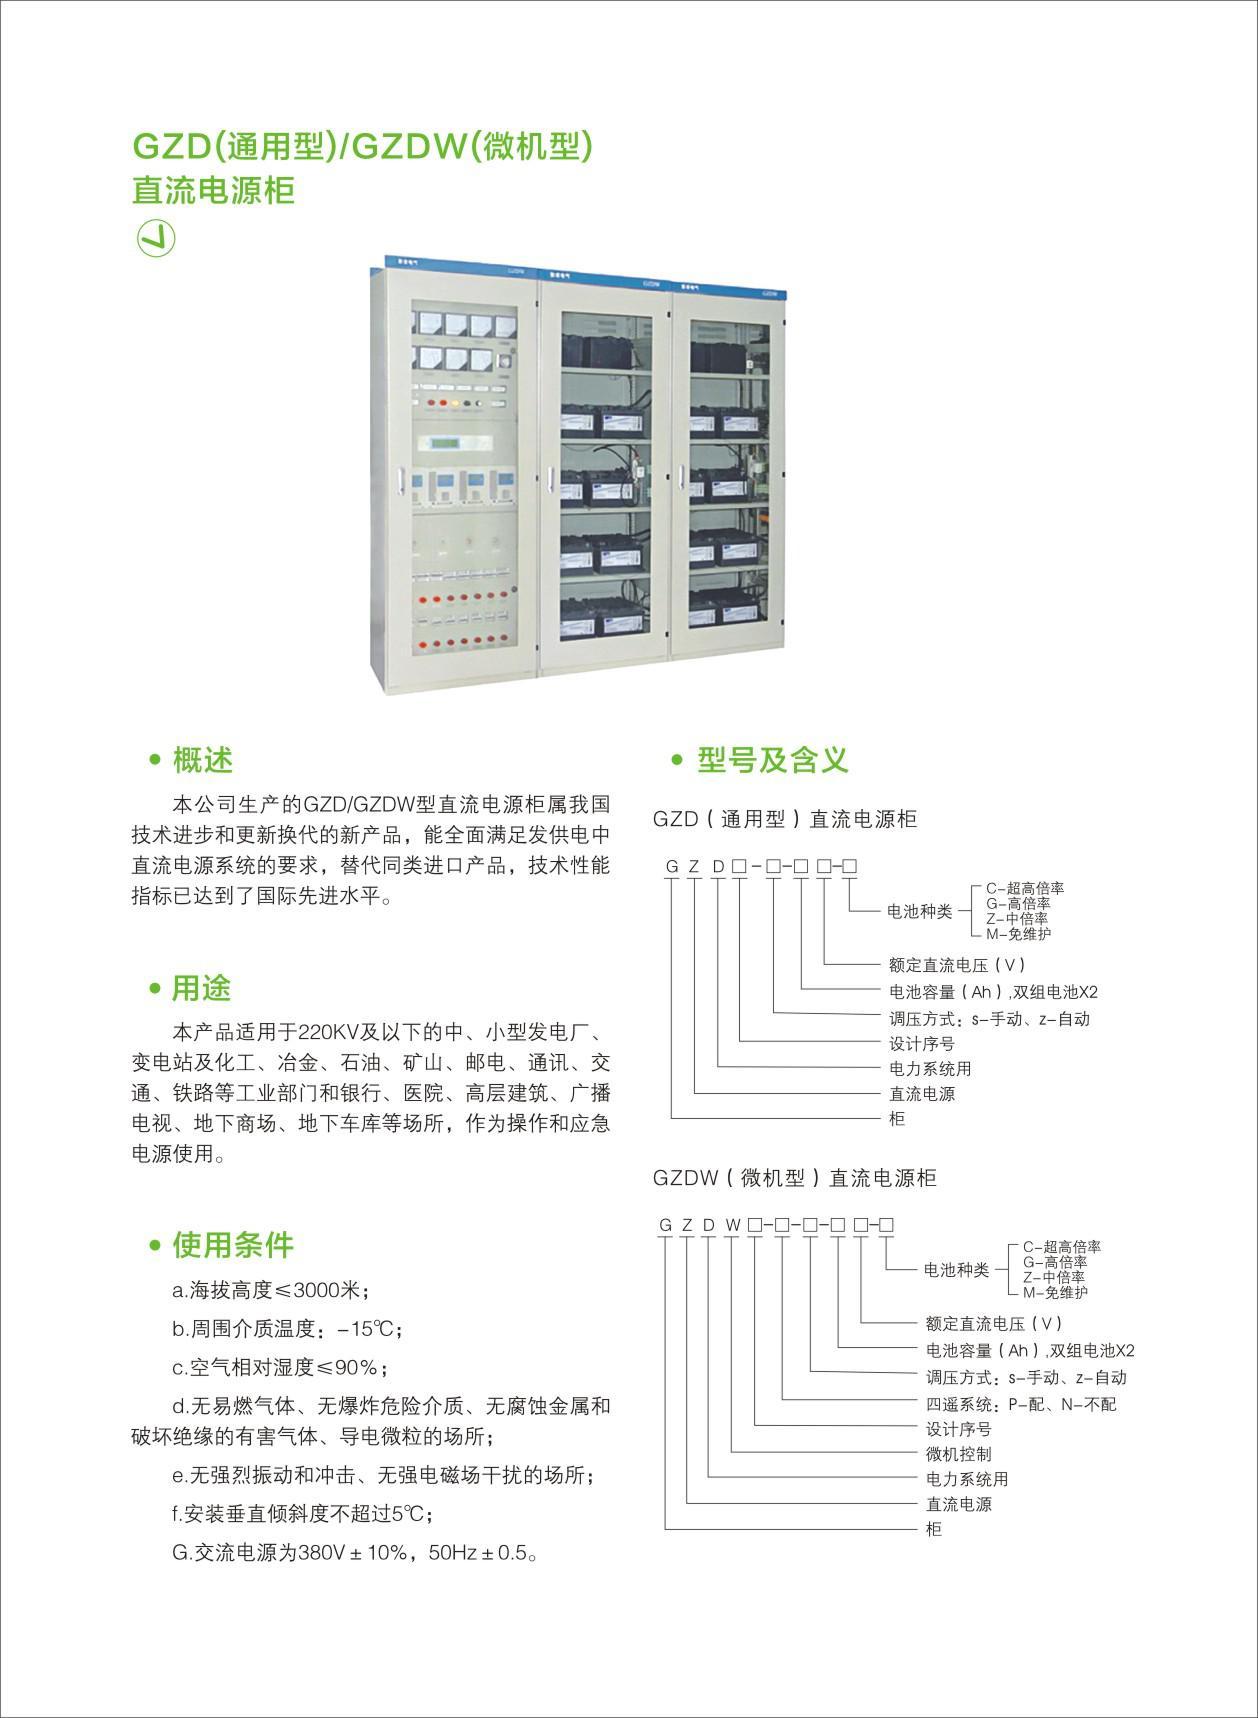 GZD-通用型-GZDW-微機型直流電源柜-01